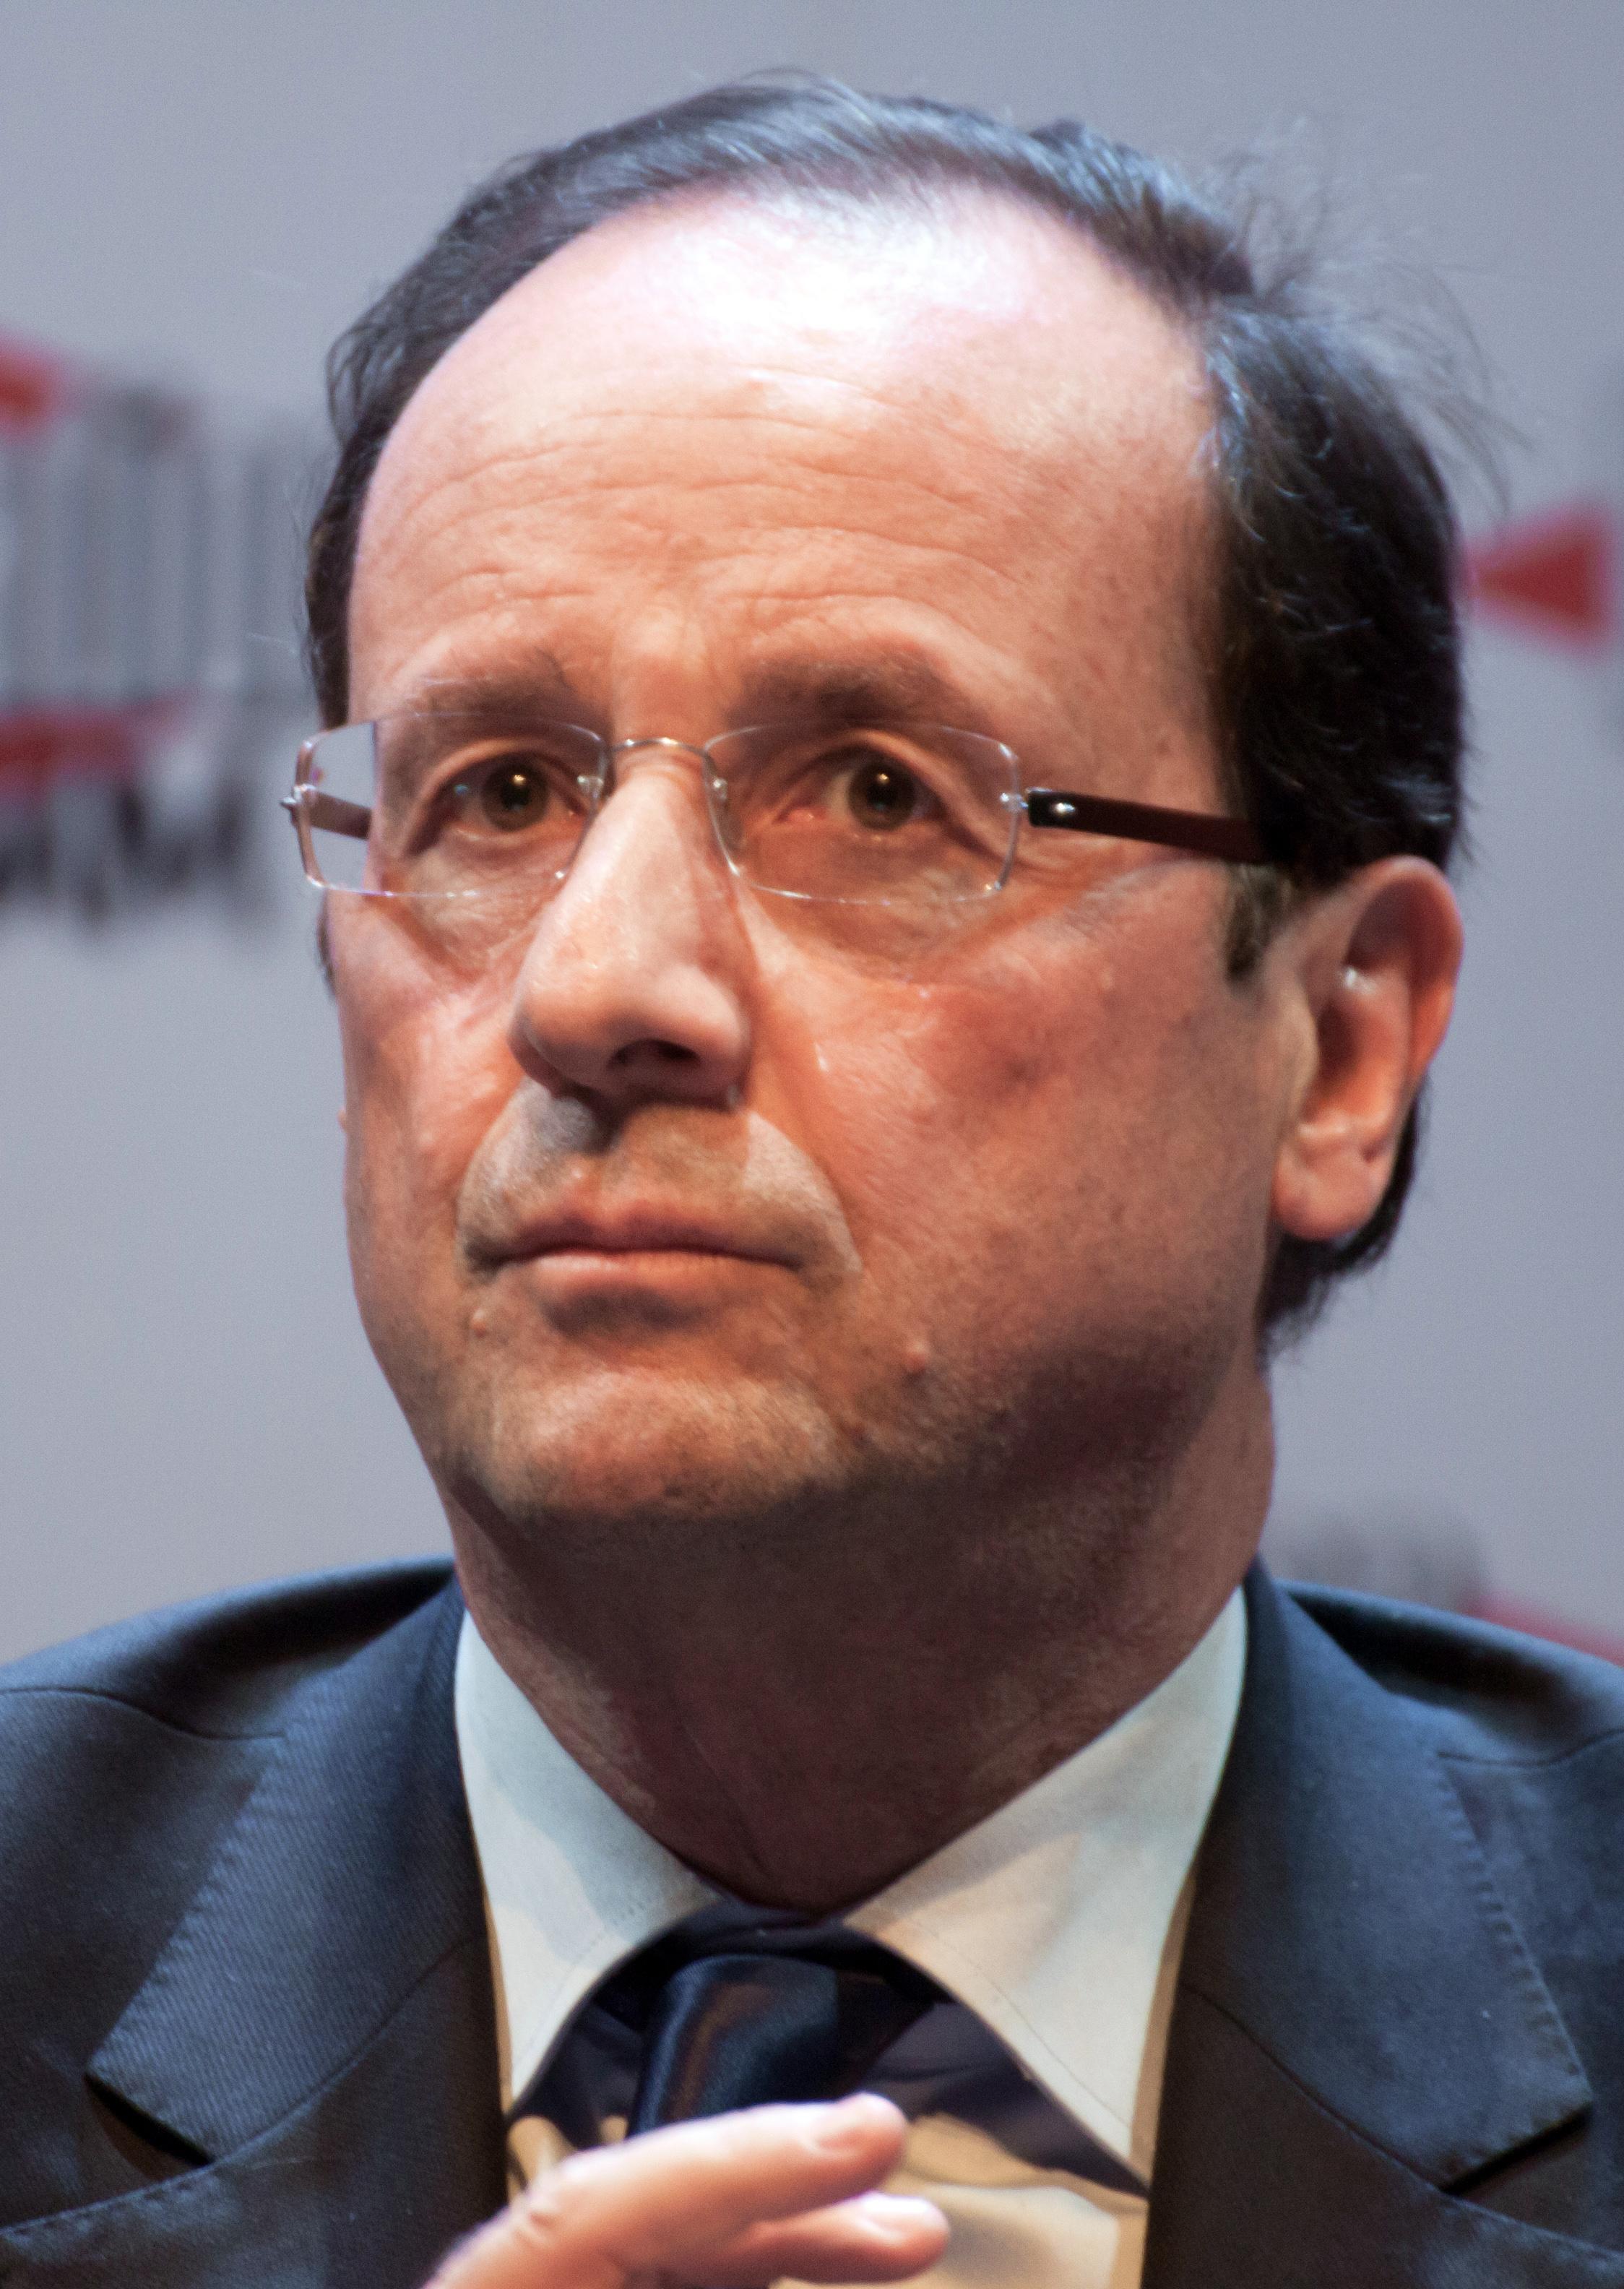 François Hollande - Janvier 2012 (cropped)